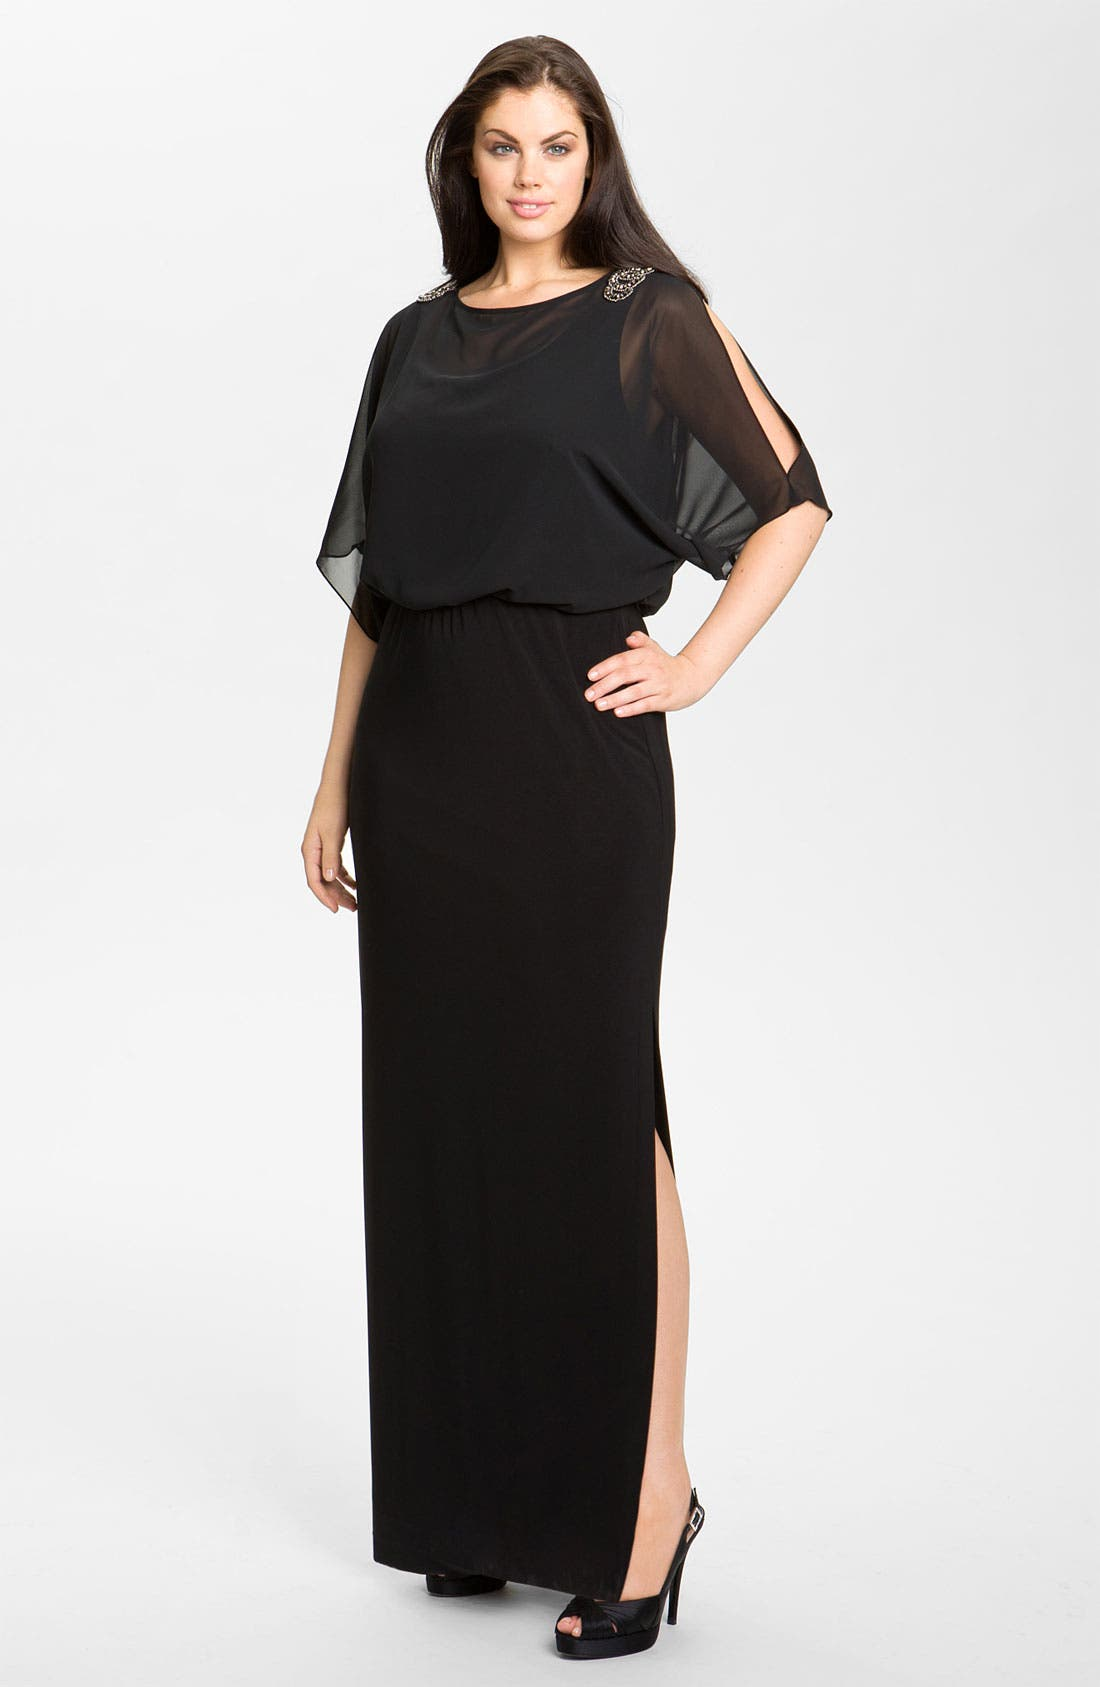 Main Image - Xscape Embellished Blouson Bodice Jersey Dress (Plus Size)